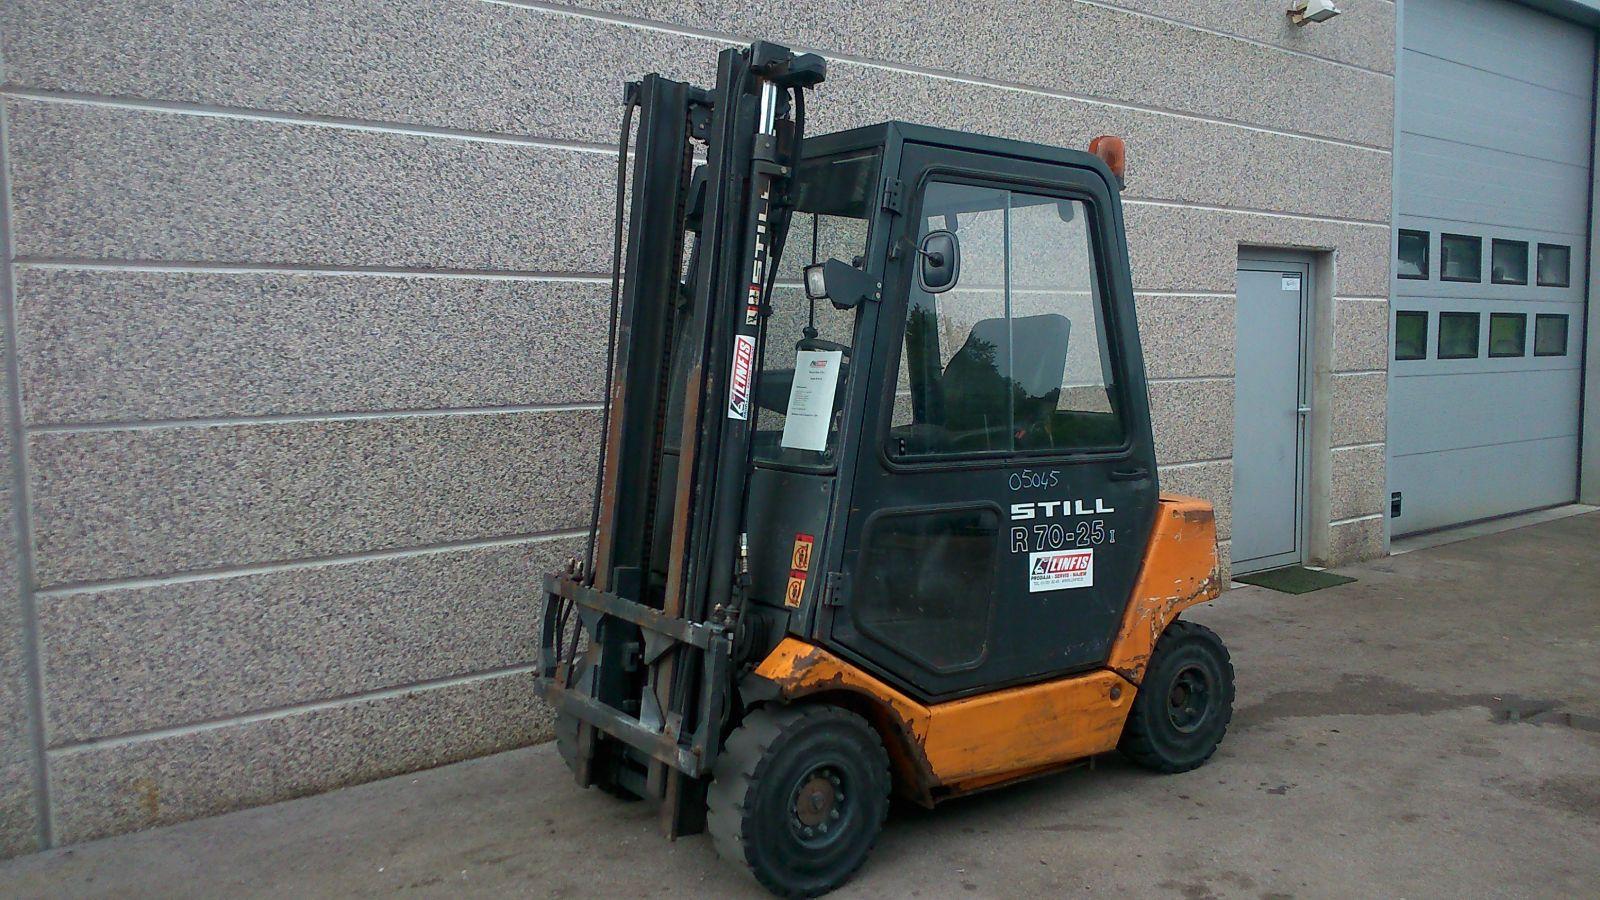 Rabljen-Diesel-viličar-STILL-model-R70_25I